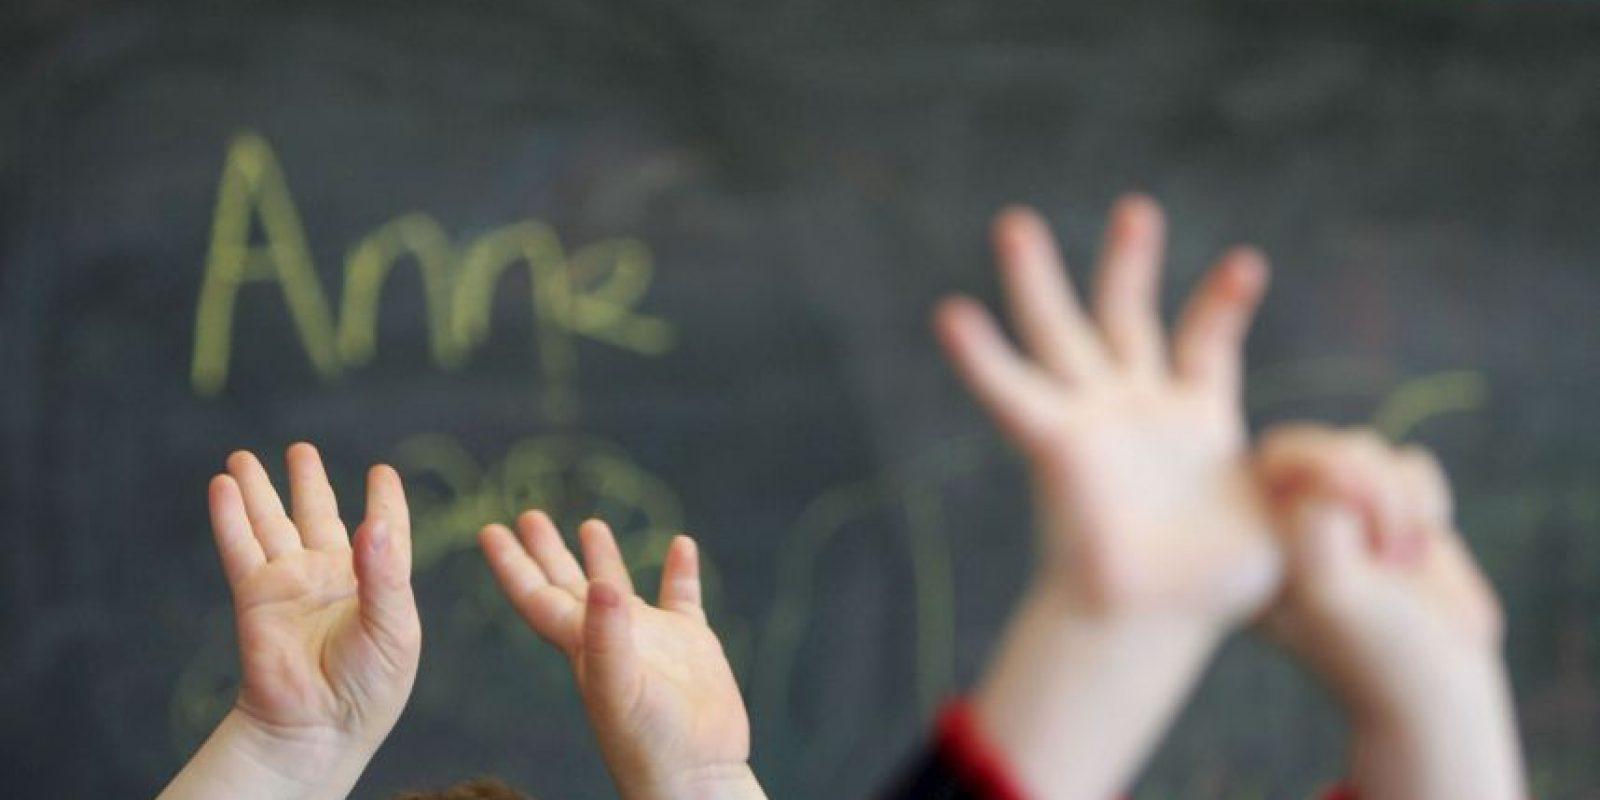 Madre envía a su hija de 5 años con una pistola a la escuela 7 datos que deben conocer sobre el maltrato infantil Foto:Getty Images